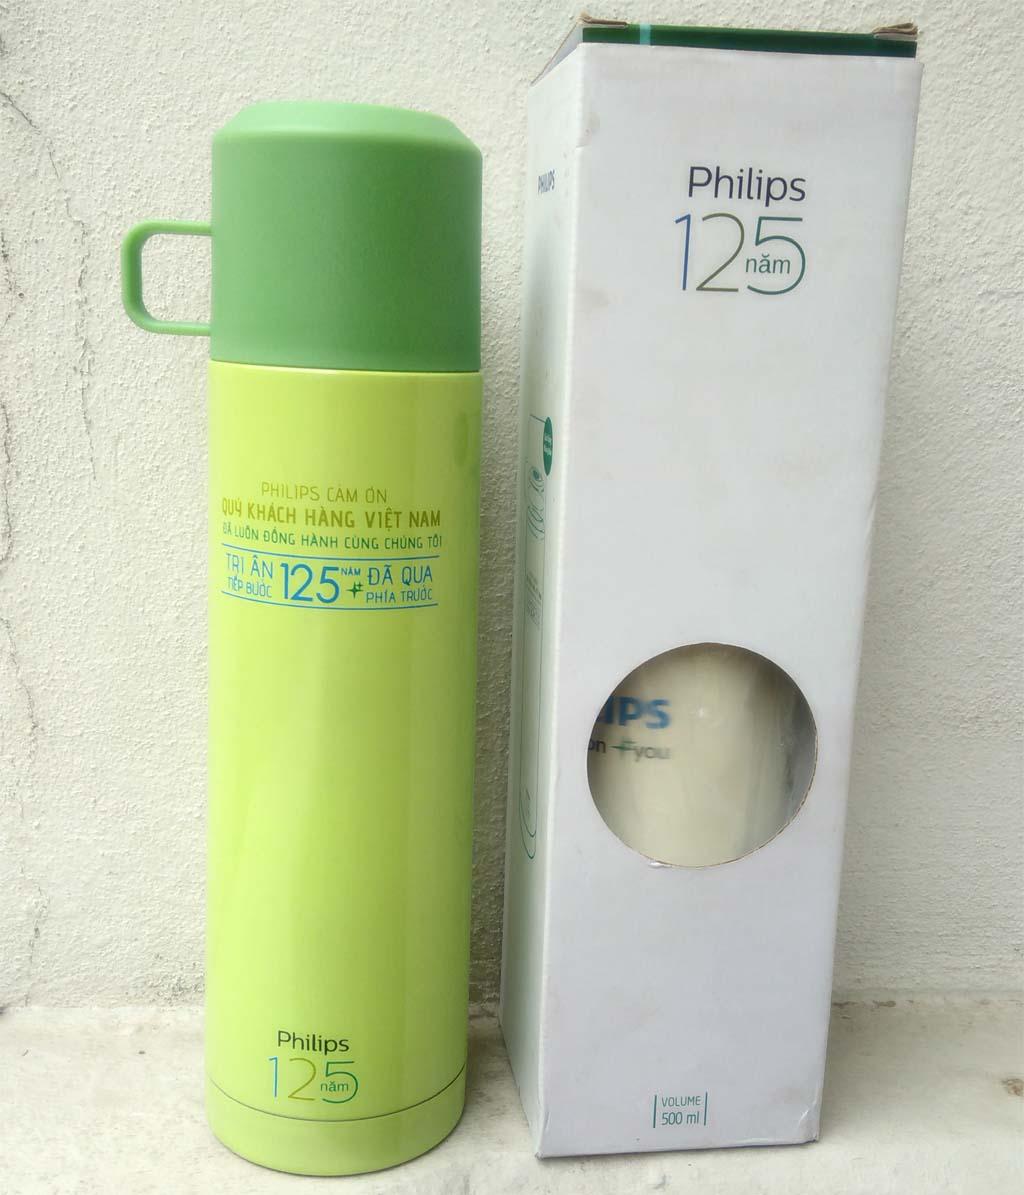 Bình giữ nhiệt 500ml Dong Hwa BKB-048-050 quà tặng Philips